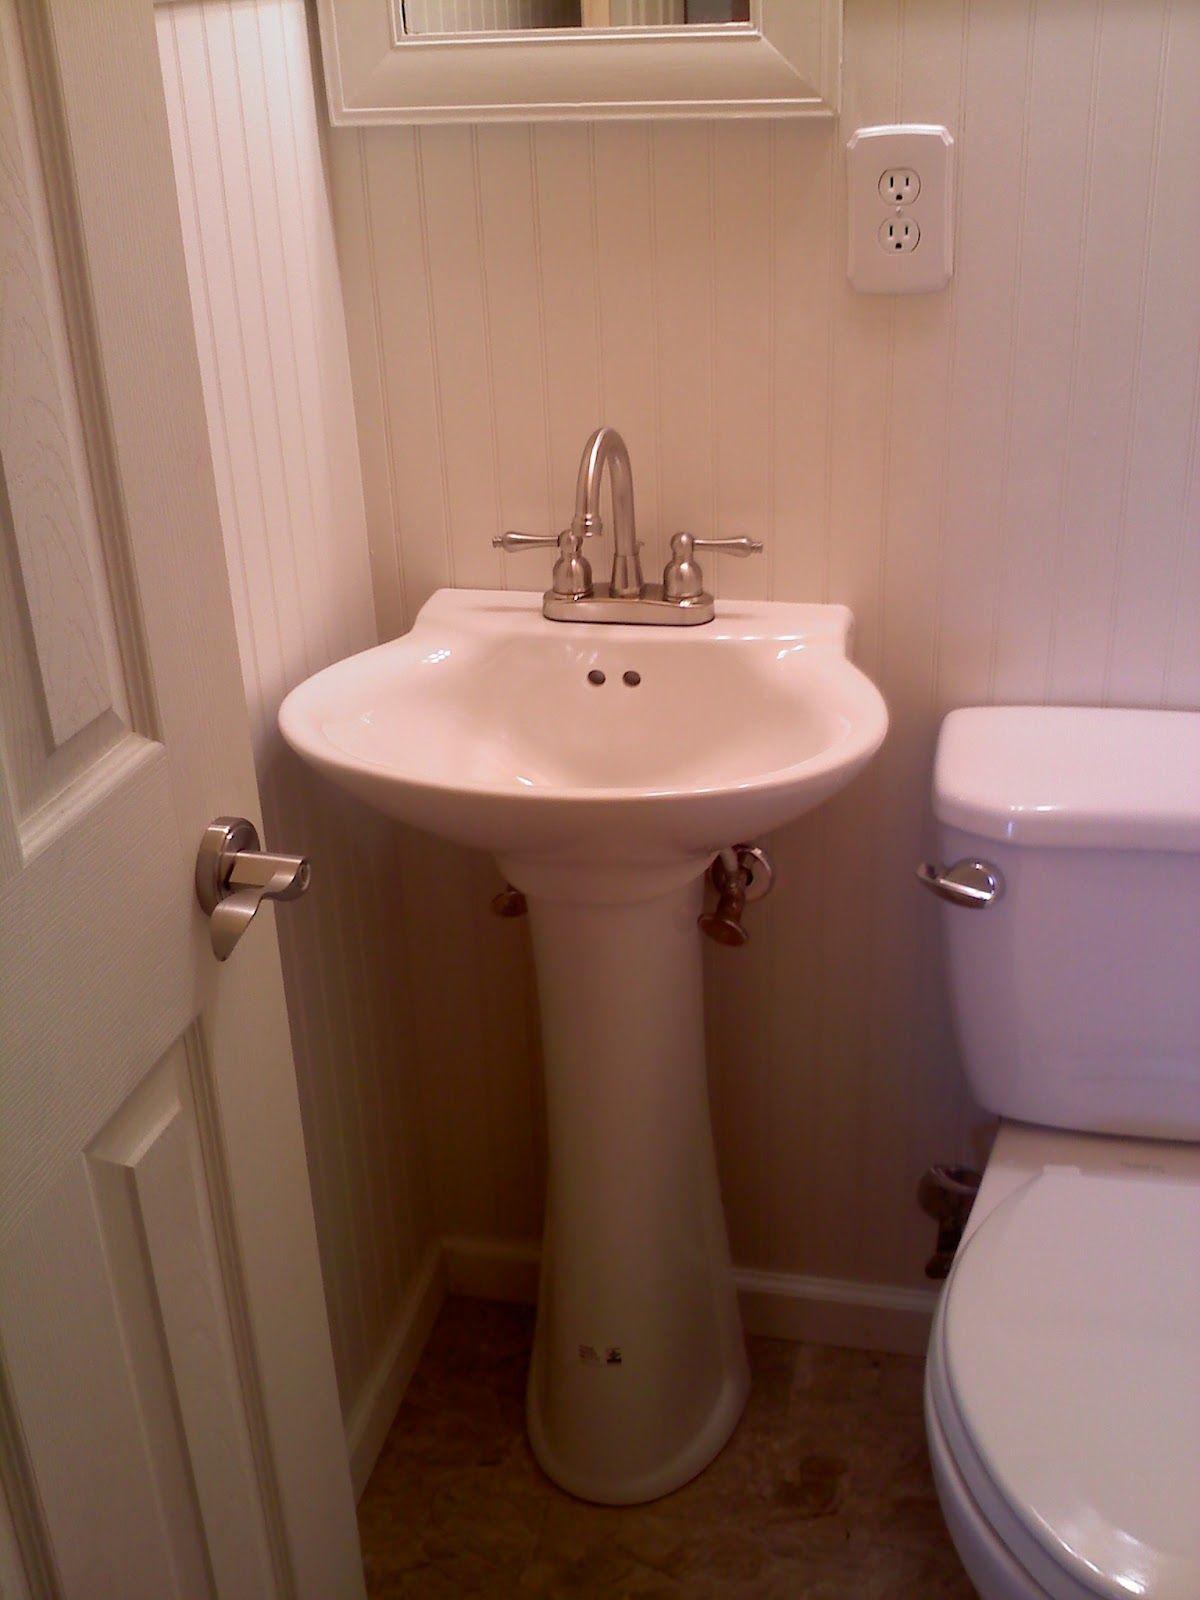 Half Bathroom Remodel for Under $1000   Half bathroom ...